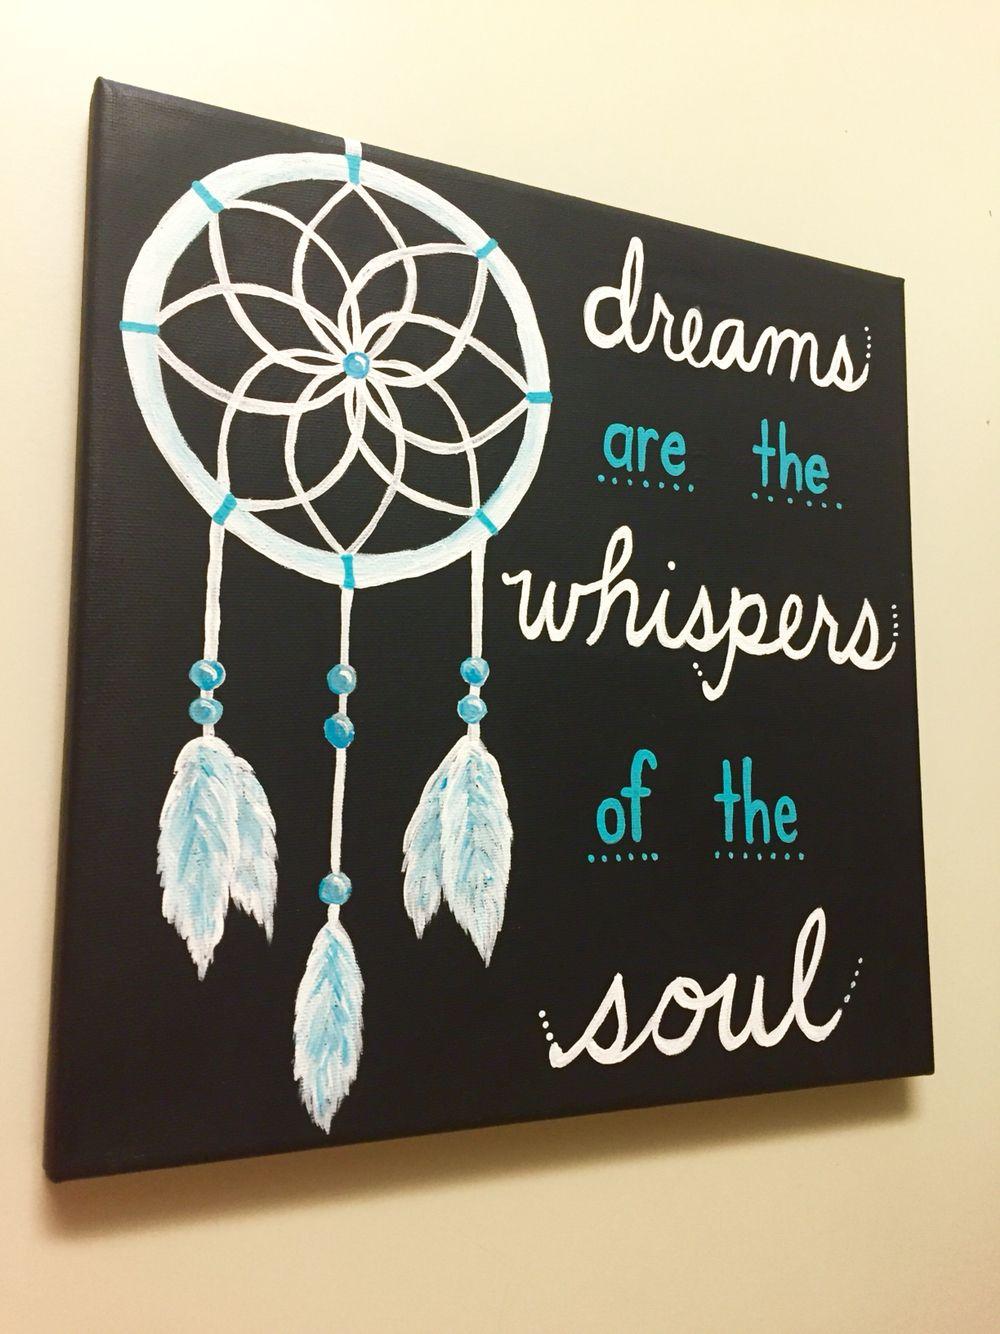 Diy Painting On Canvas Dreamcatcher And Dream Quote Selbstgemachte Leinwandkunst Leinwand Gestalten Und Leinwand Collage